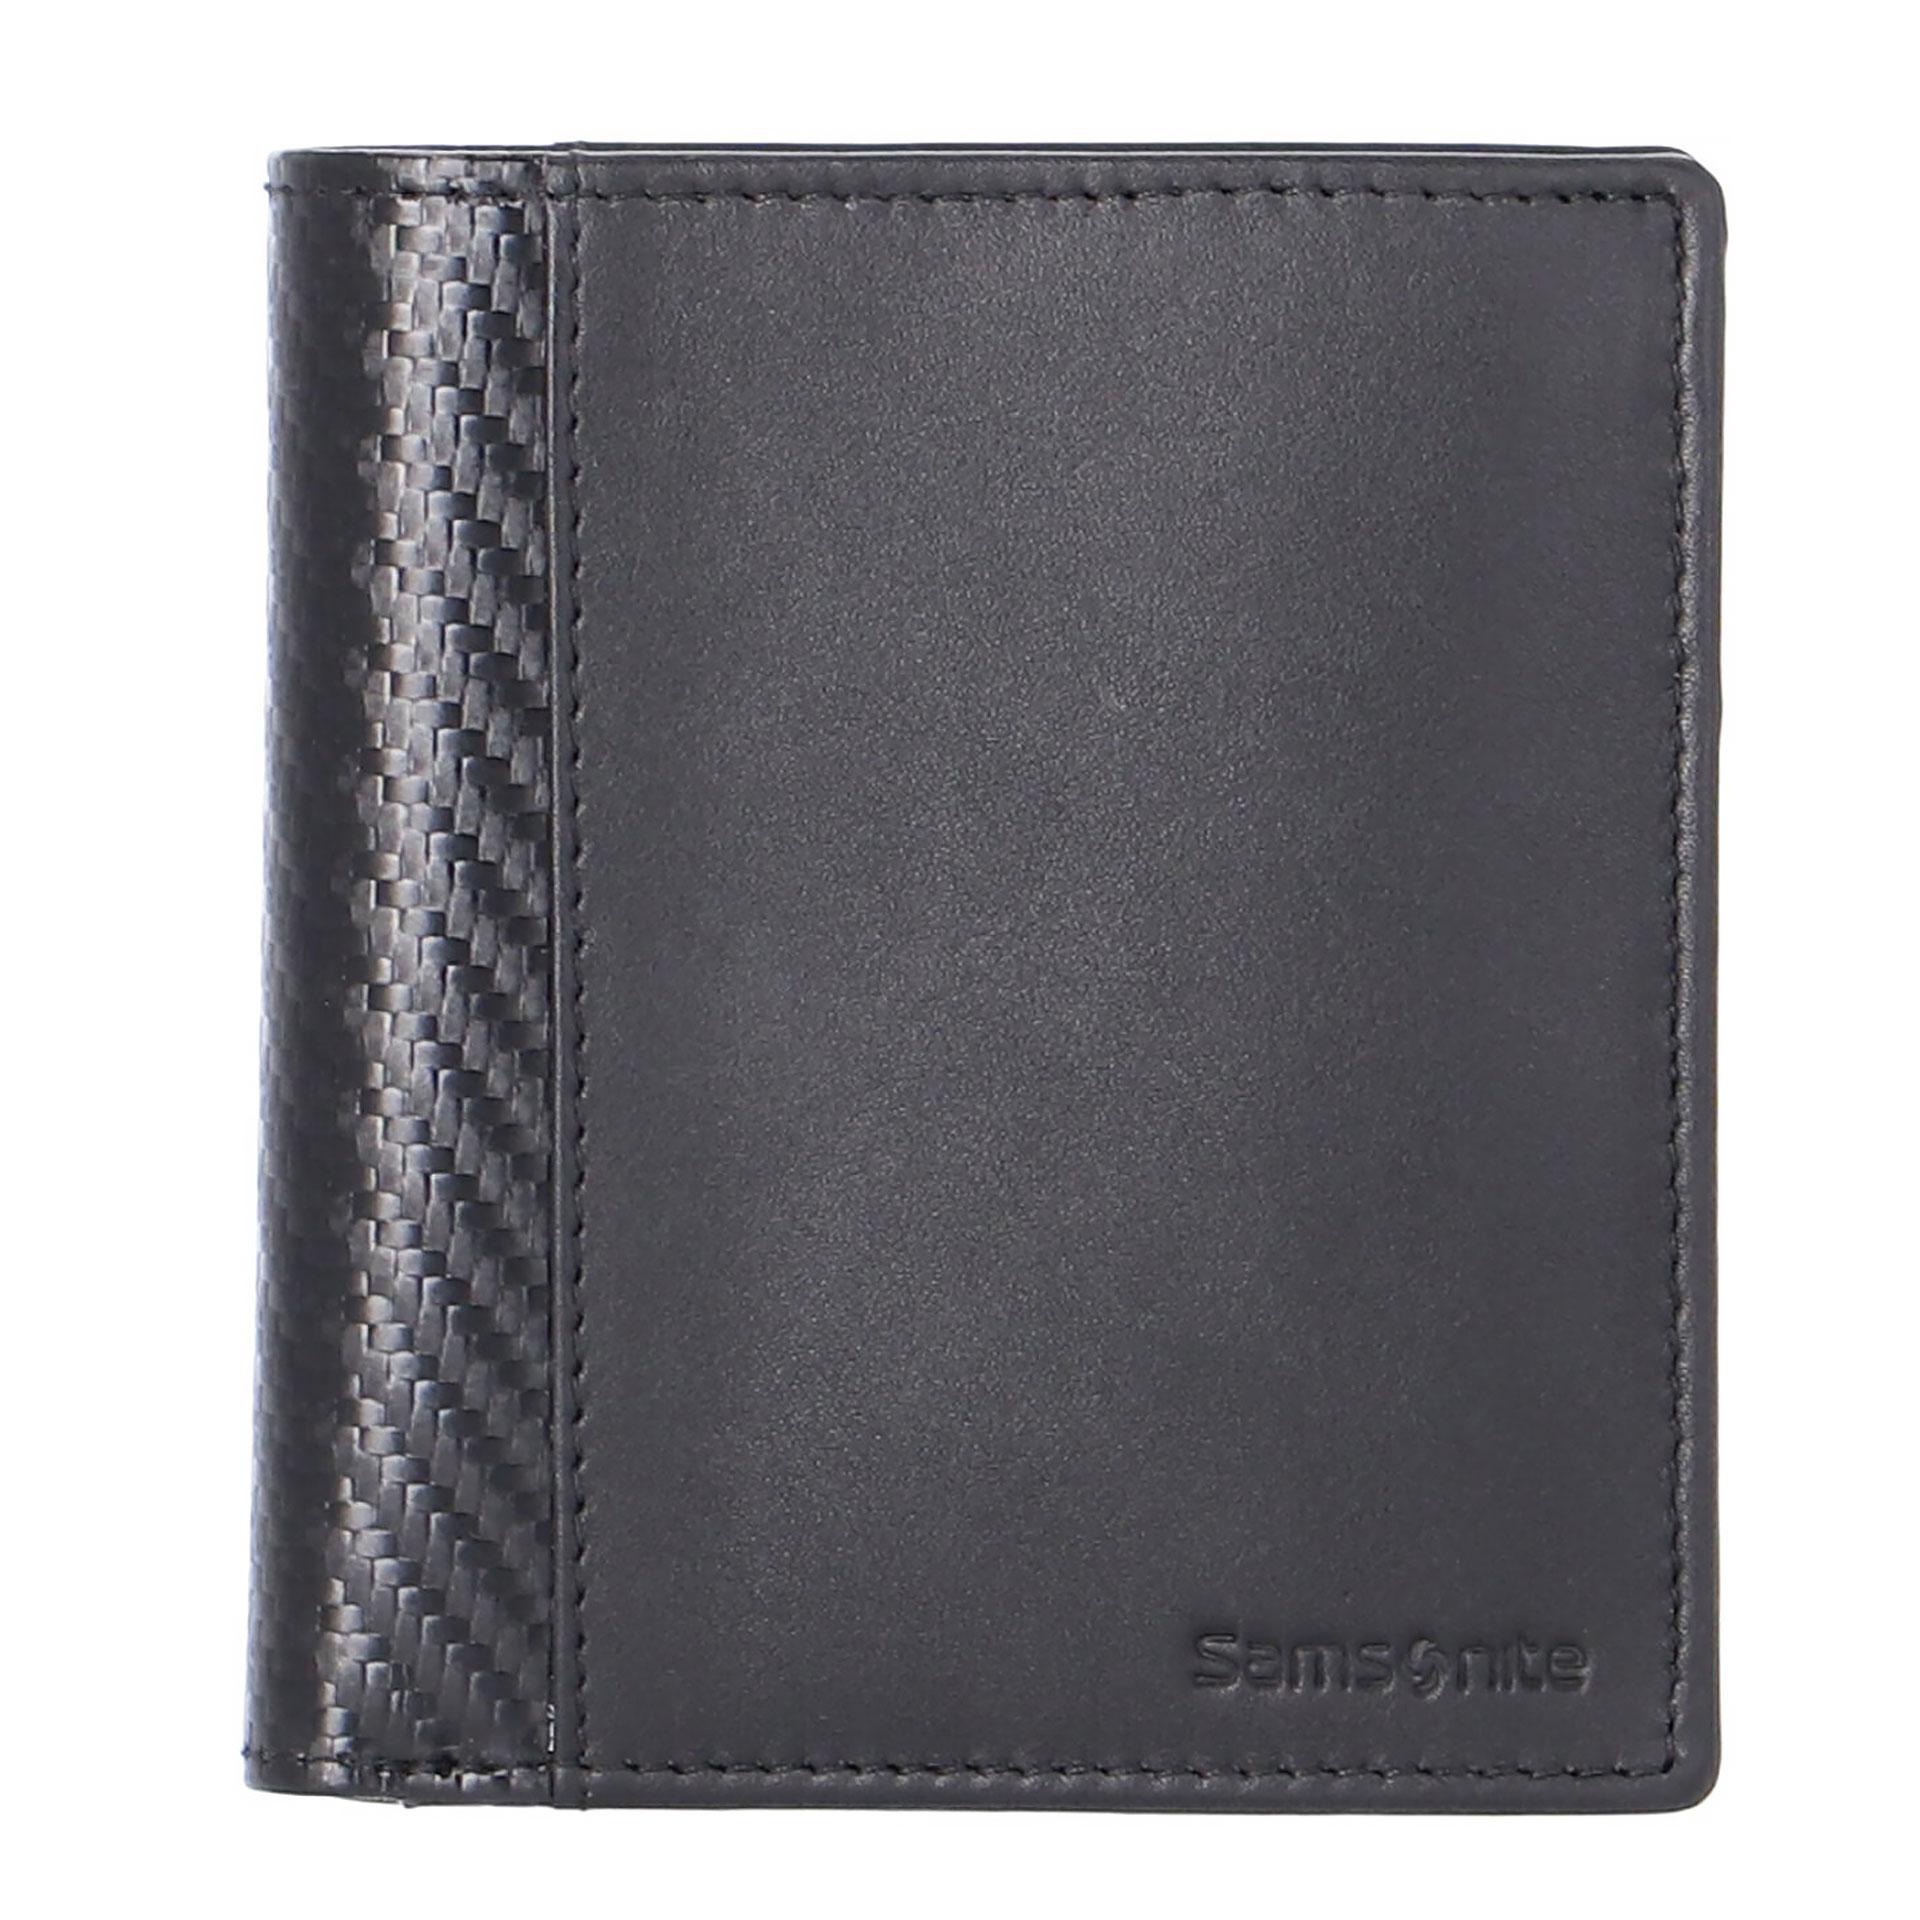 Samsonite S-Derry Herren Geldbörse RFID black